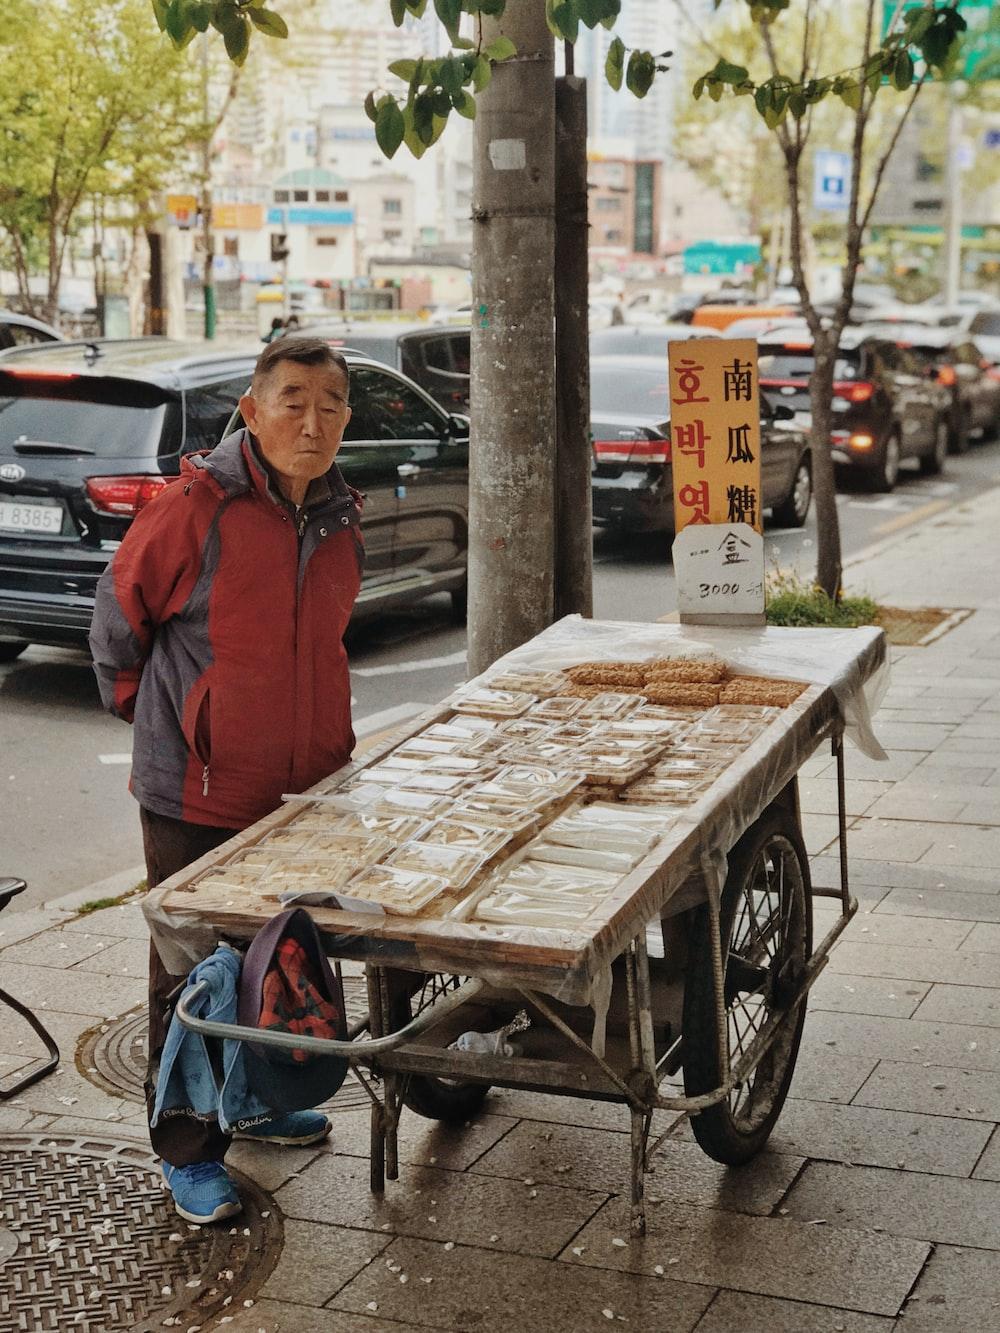 man standing near cart